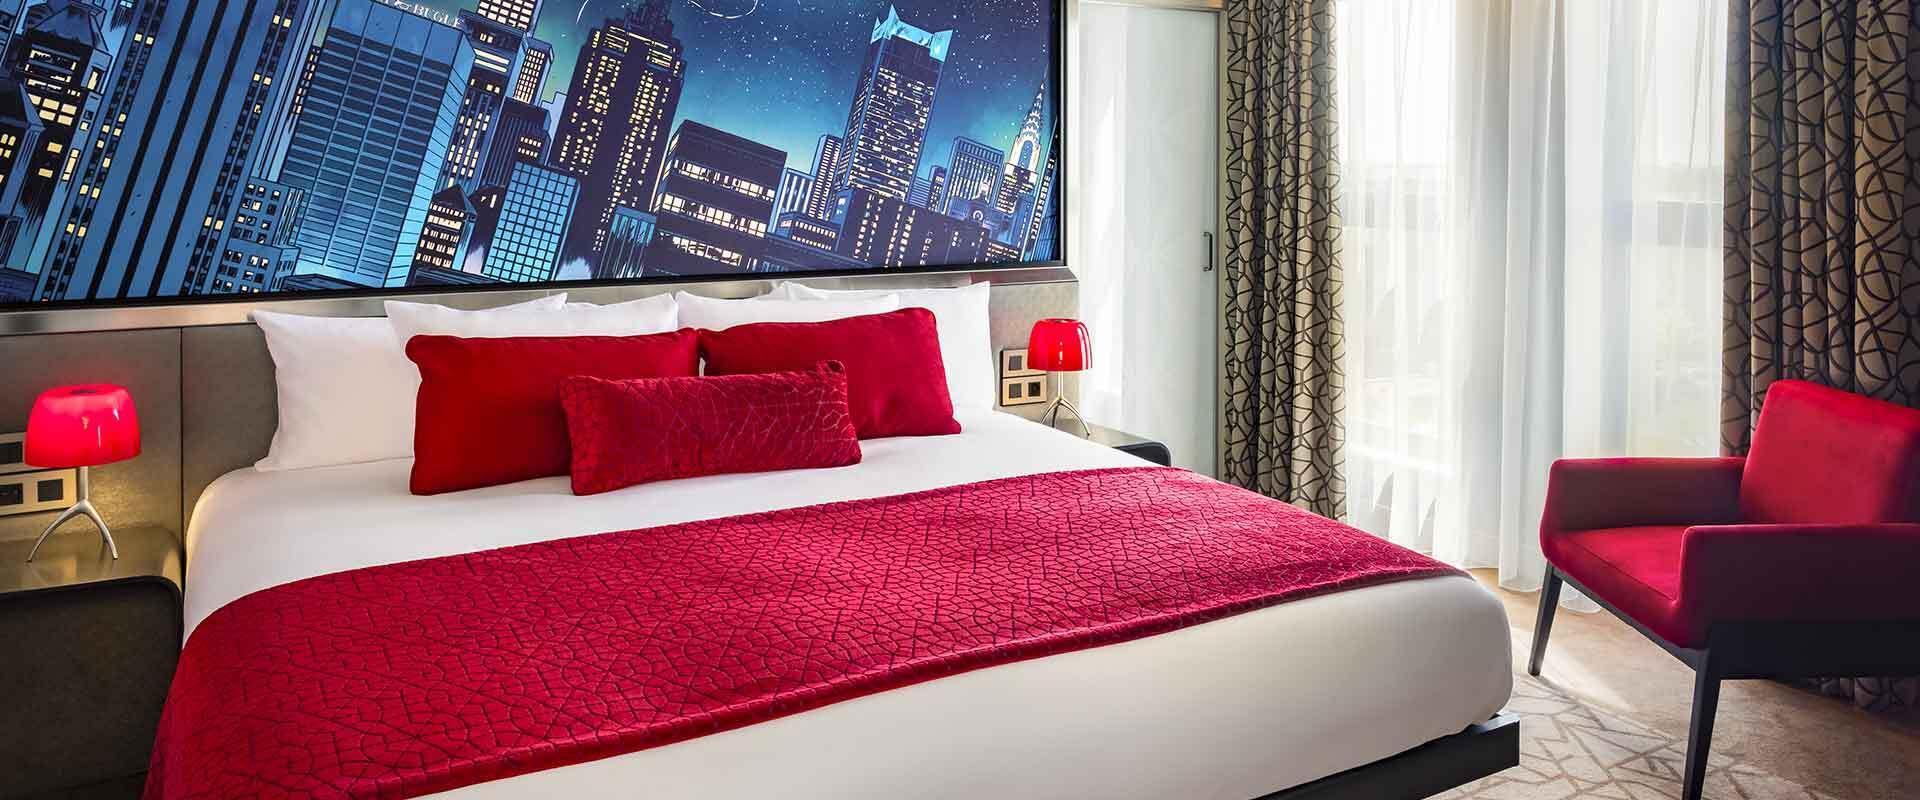 Club-Zimmer, Suiten und eine lounge im Tony Stark Stil